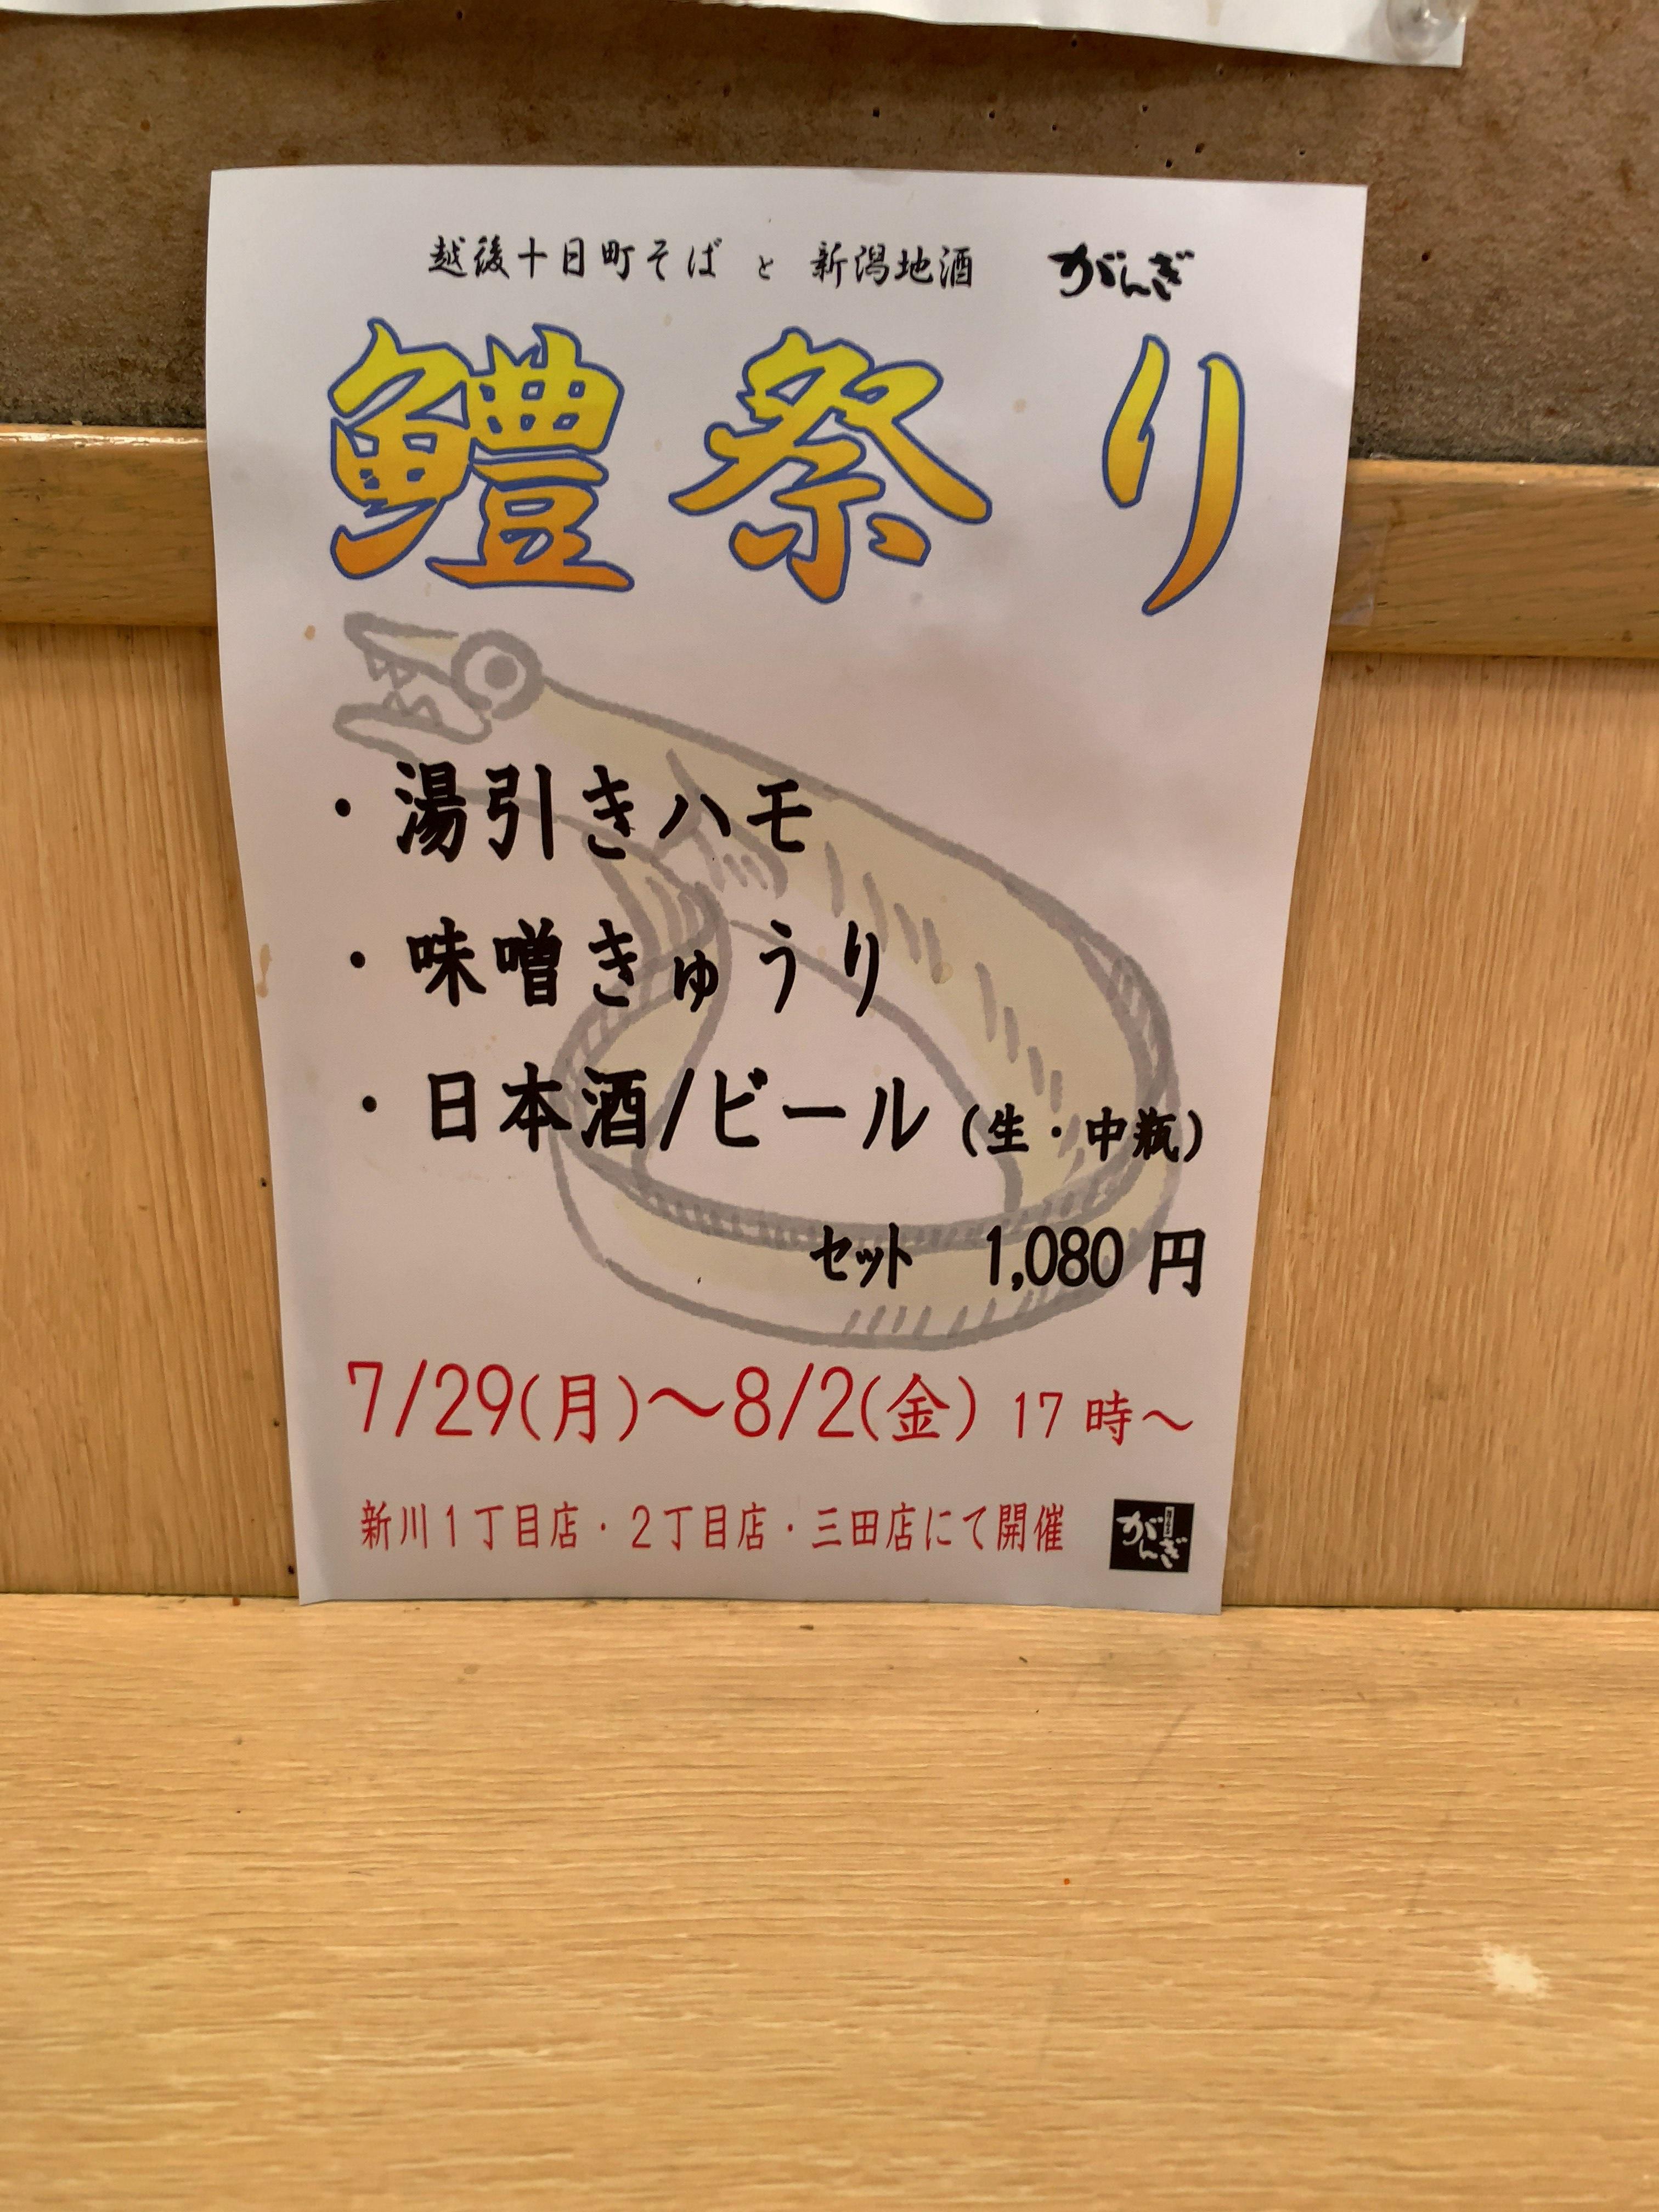 がんぎそば 鱧祭り(7/29〜8/2)